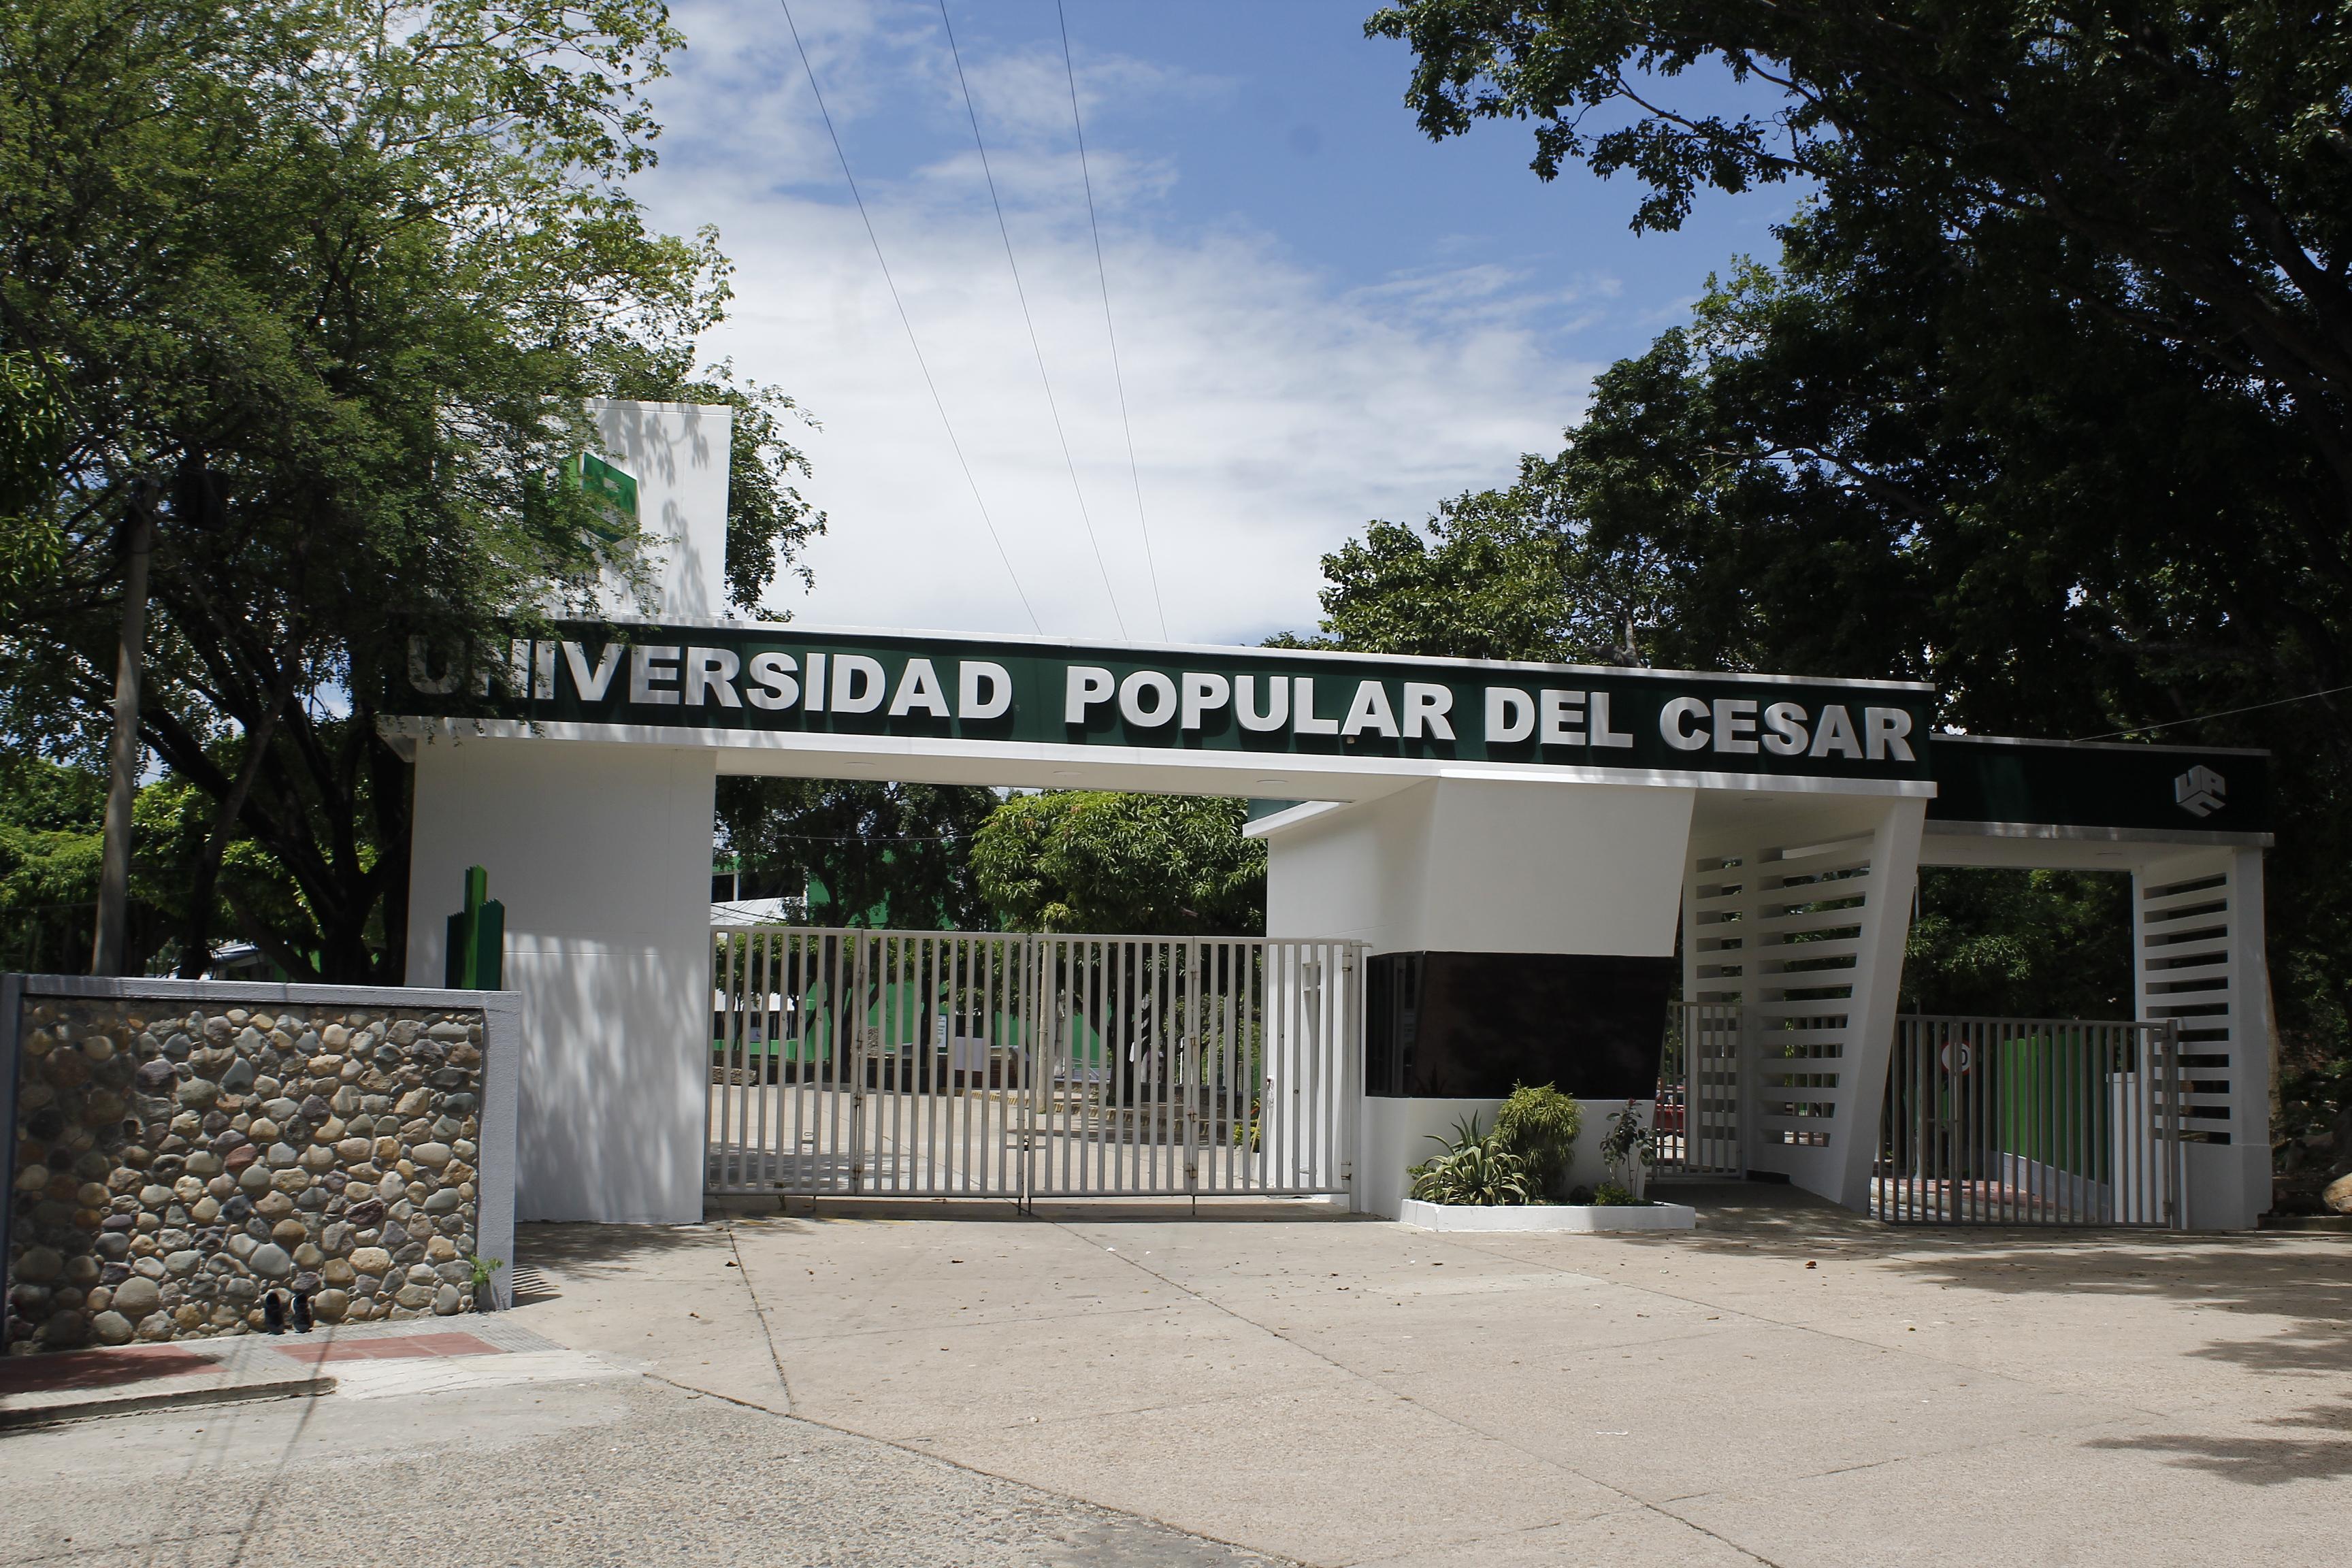 La Universidad Popular del Cesar emitió nuevo calendario electoral que establece para el 17 de julio la designación de rector.  ARCHIVO